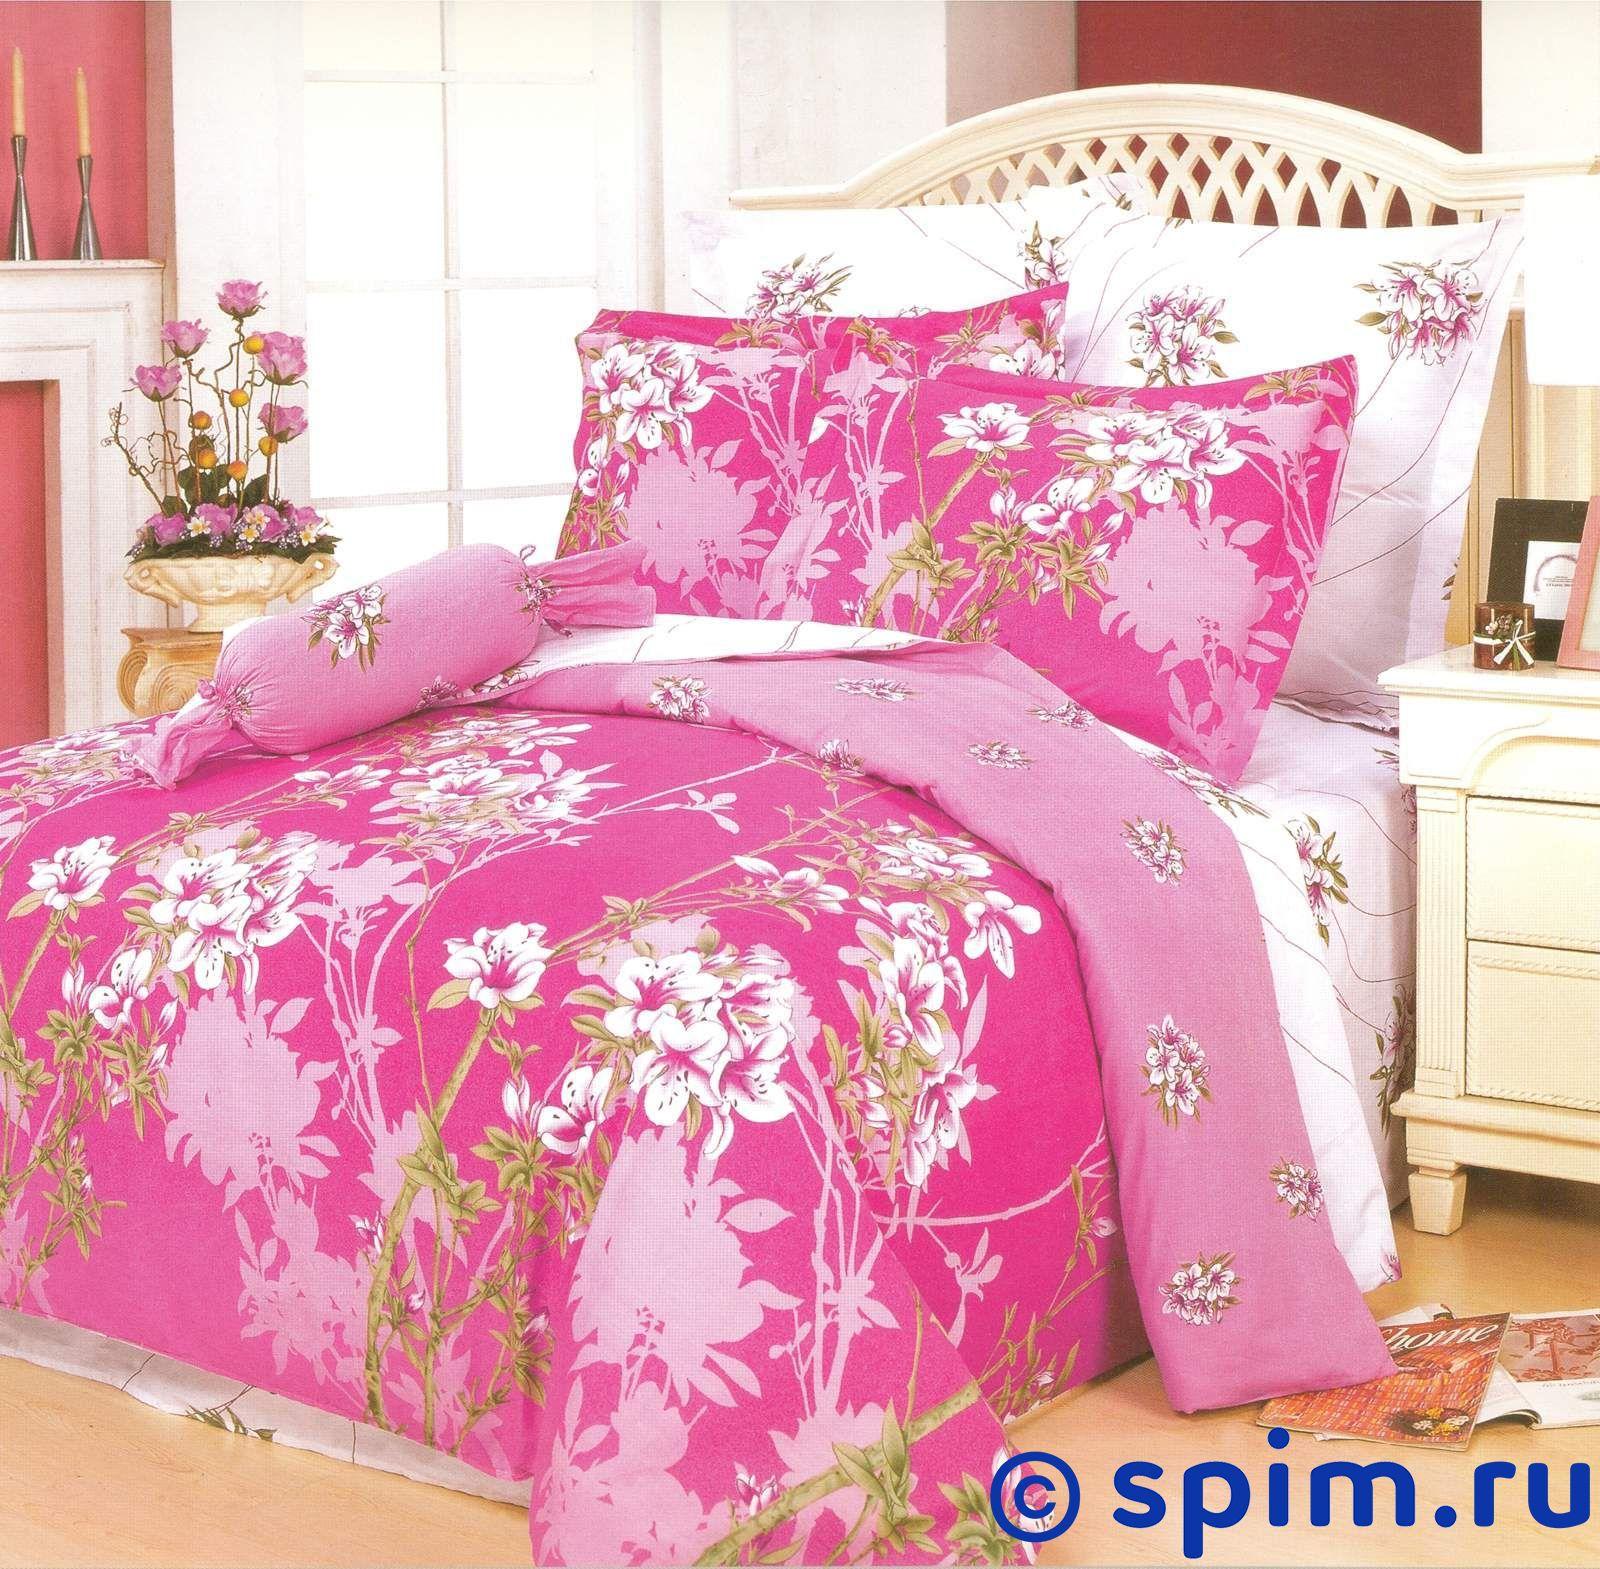 Постельное белье СайлиД В46 1.5 спальное